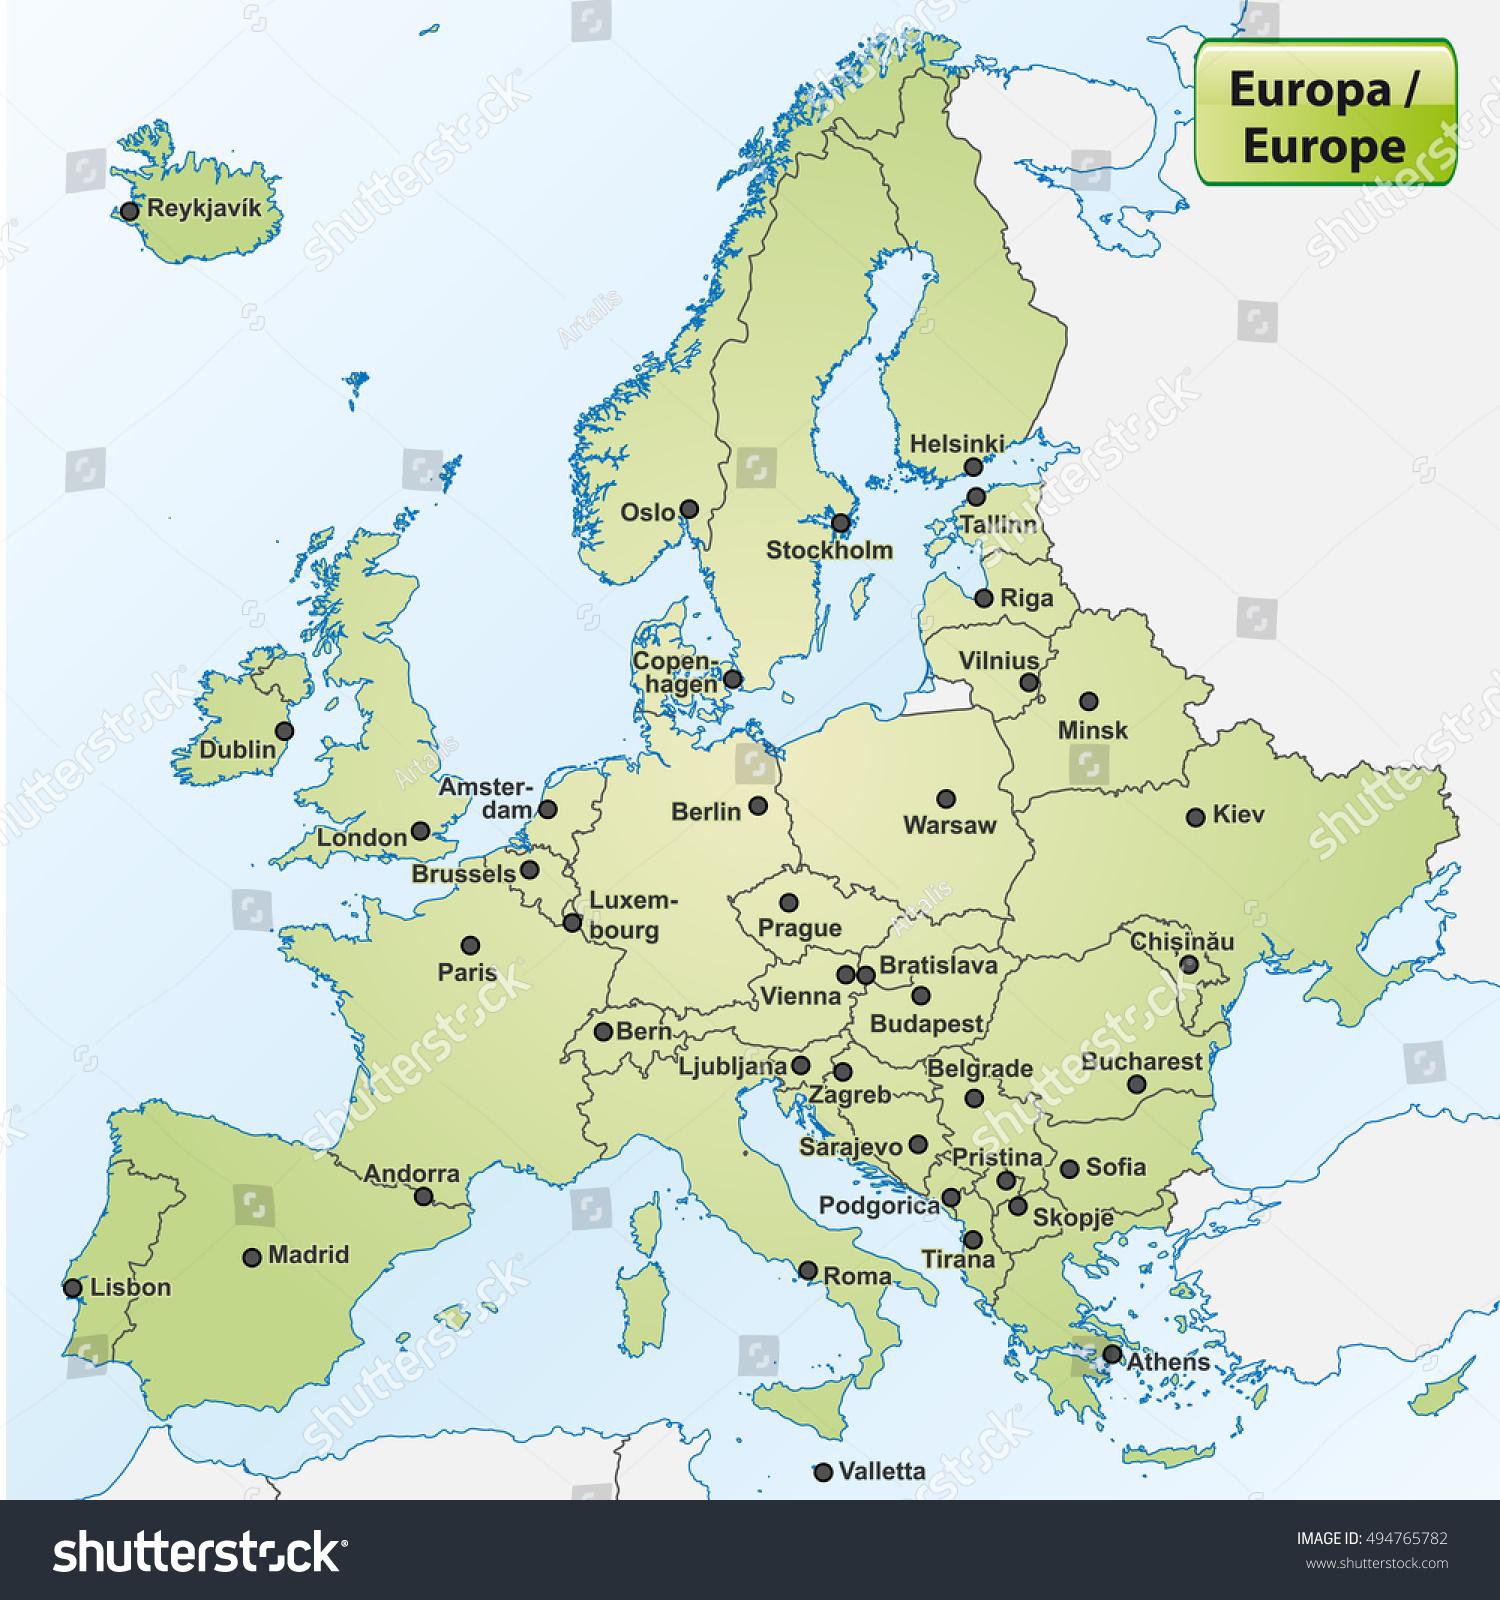 Image Vectorielle De Stock De Carte De L'europe Avec Les dedans Carte De L Europe Et Capitale